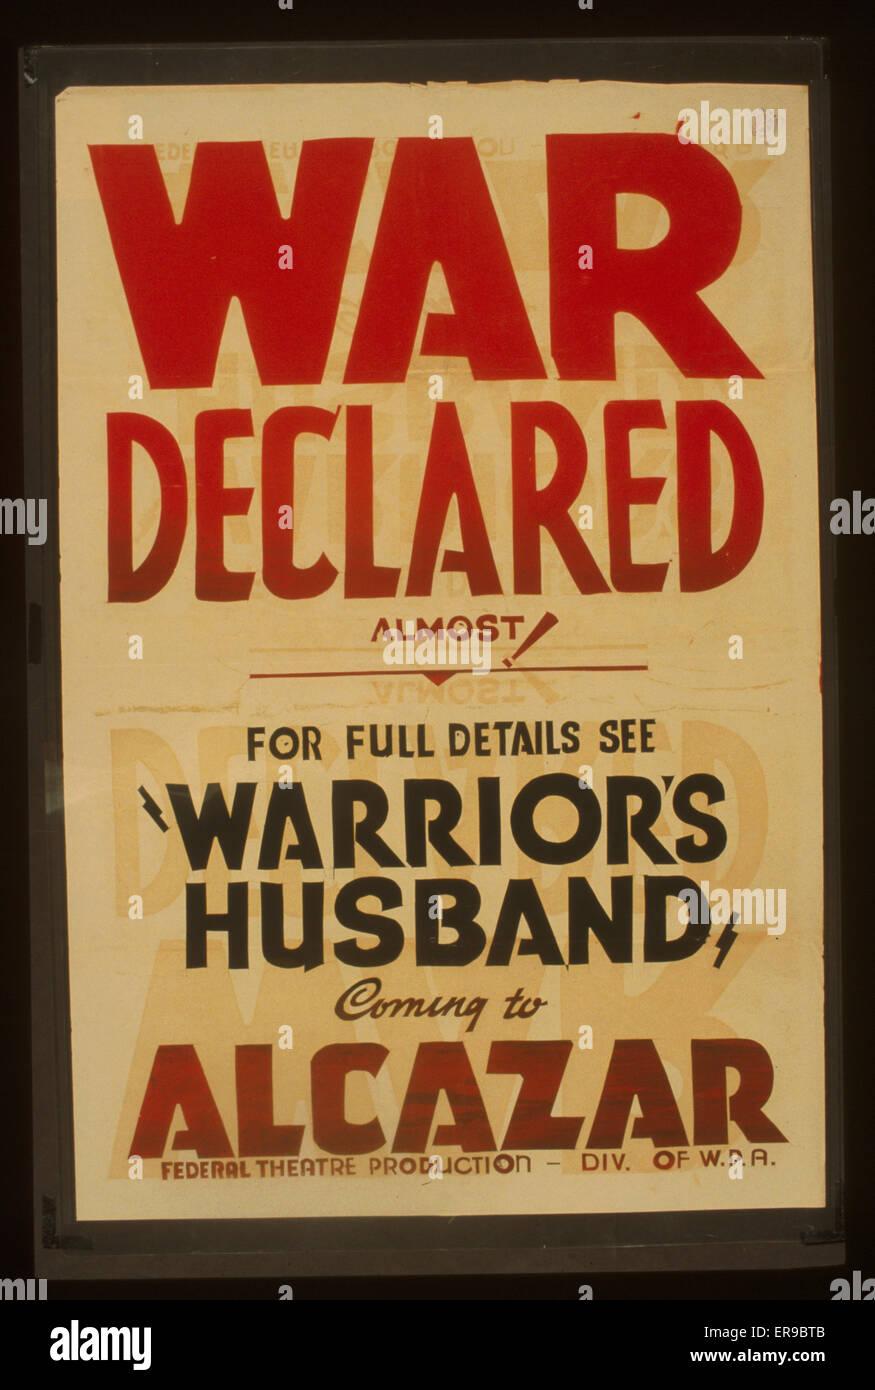 La guerra dichiarata quasi! : Per i dettagli completi vedere Warrior's marito proveniente da Alcazar. Poster Immagini Stock